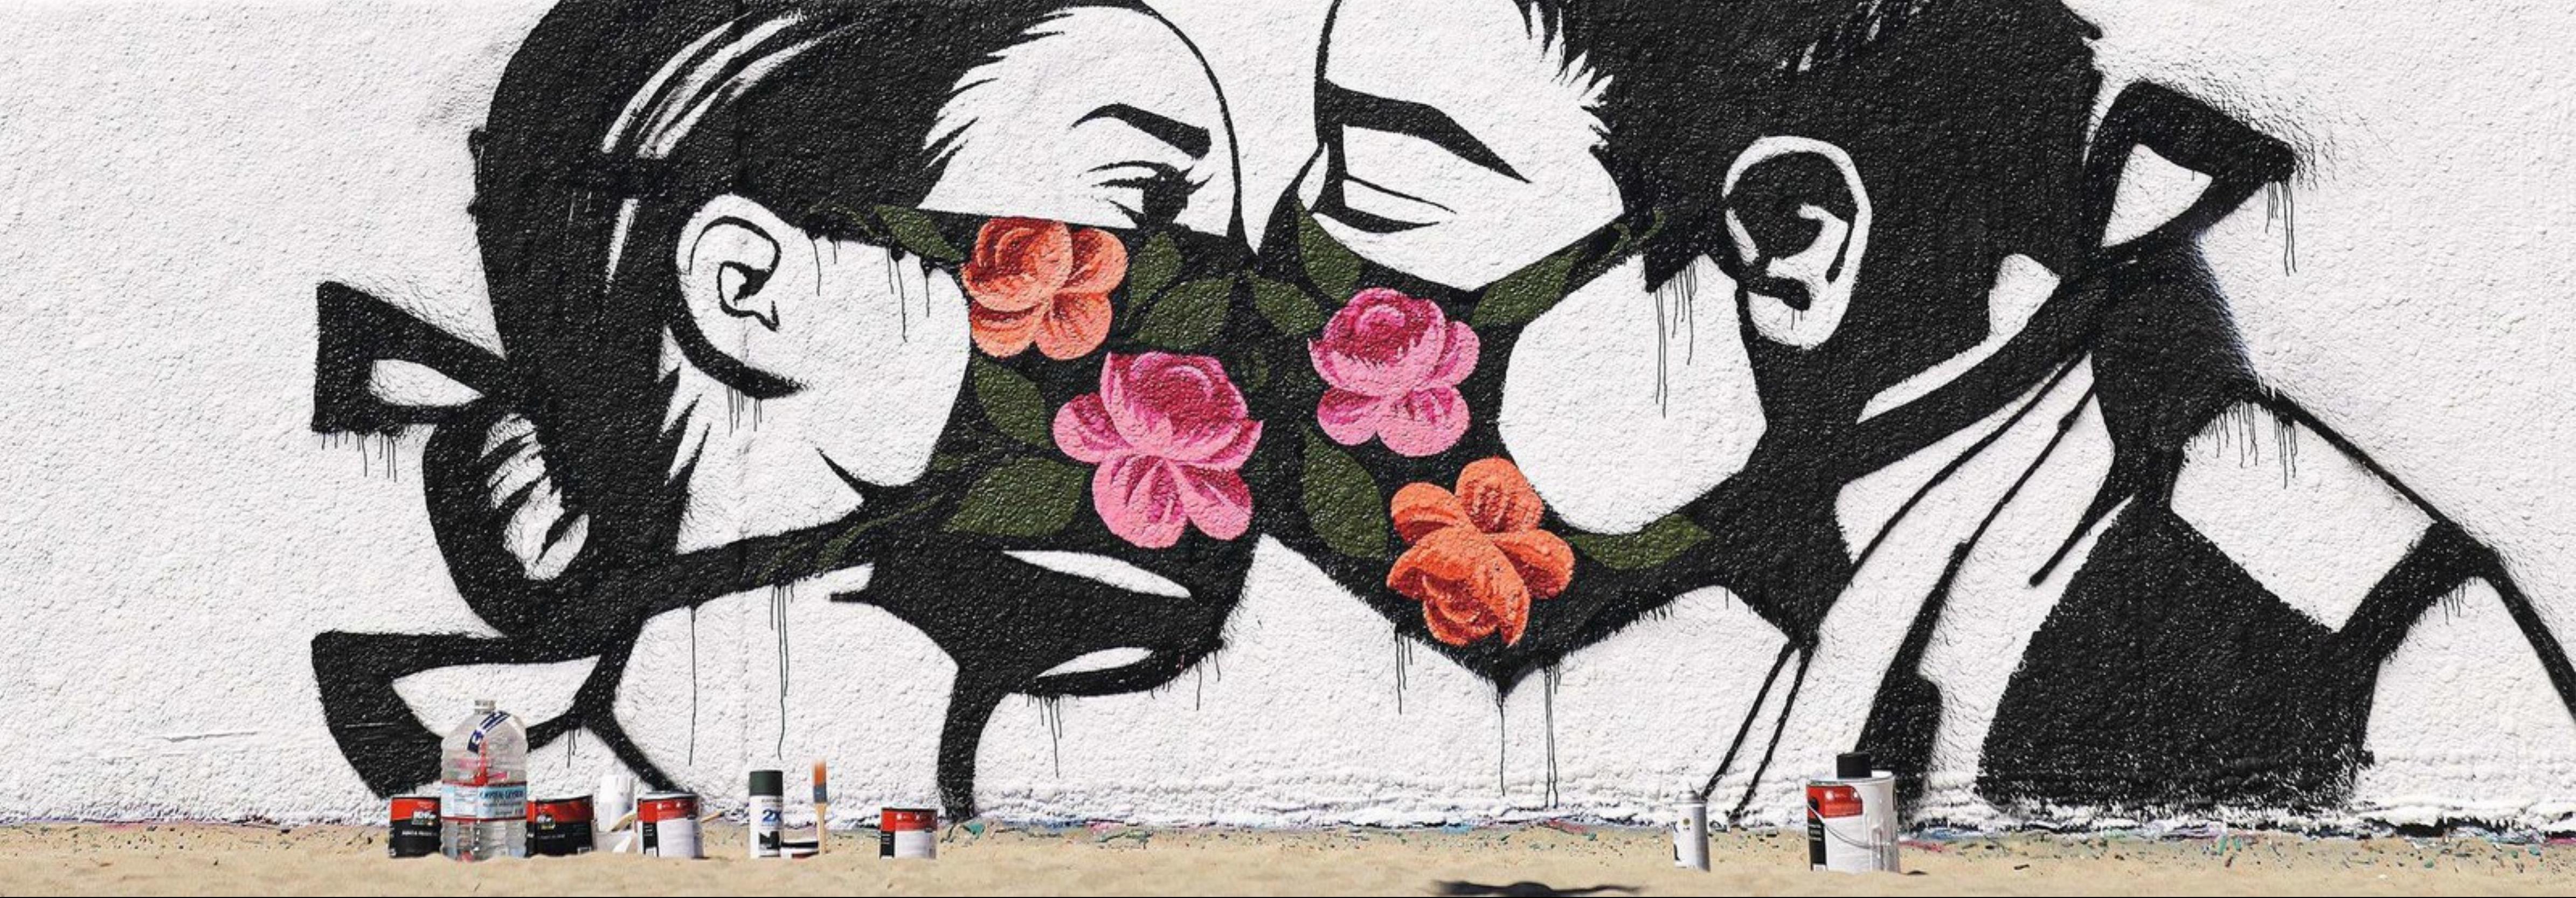 Mural Poney wave, Los Angeles 21 mars 2020